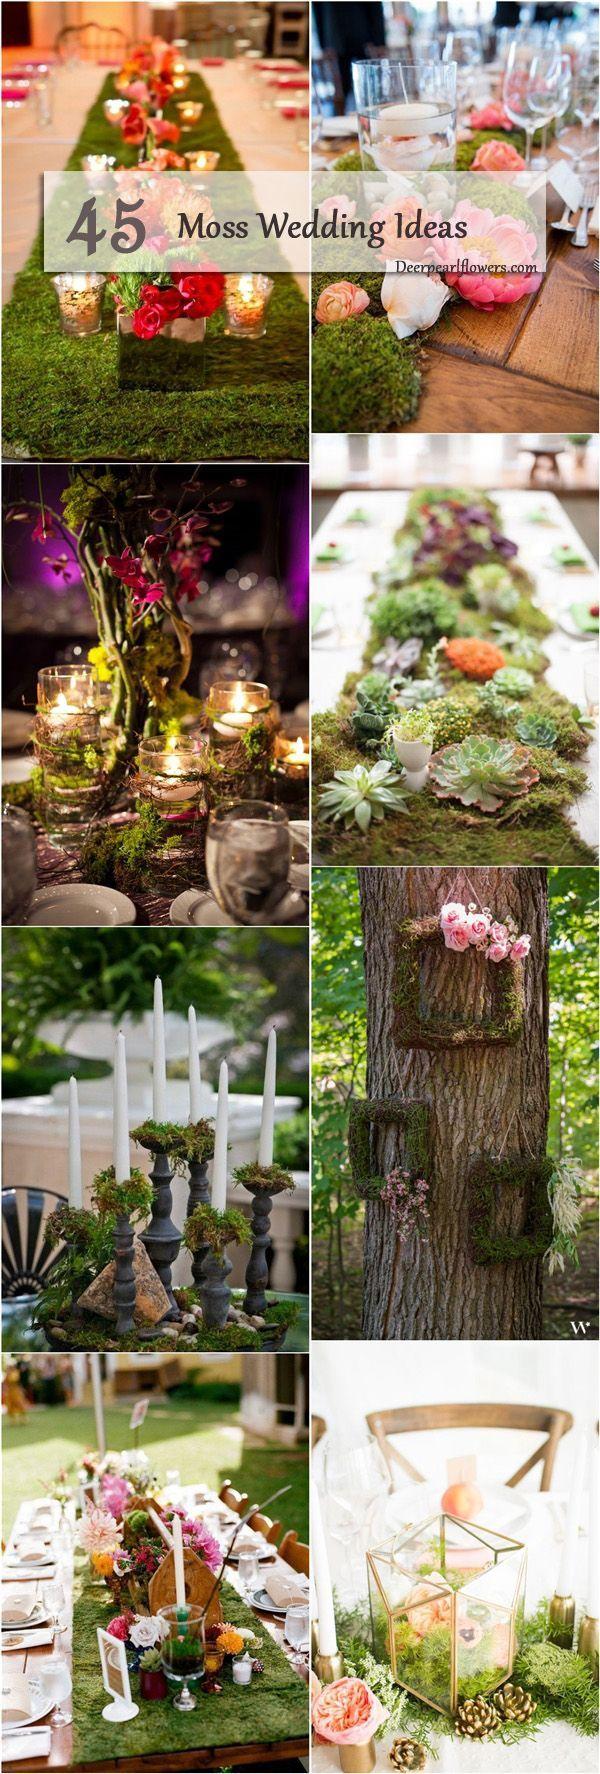 woodland moss wedding ideas / http://www.deerpearlflowers.com/moss-decor-ideas-for-a-nature-wedding/2/